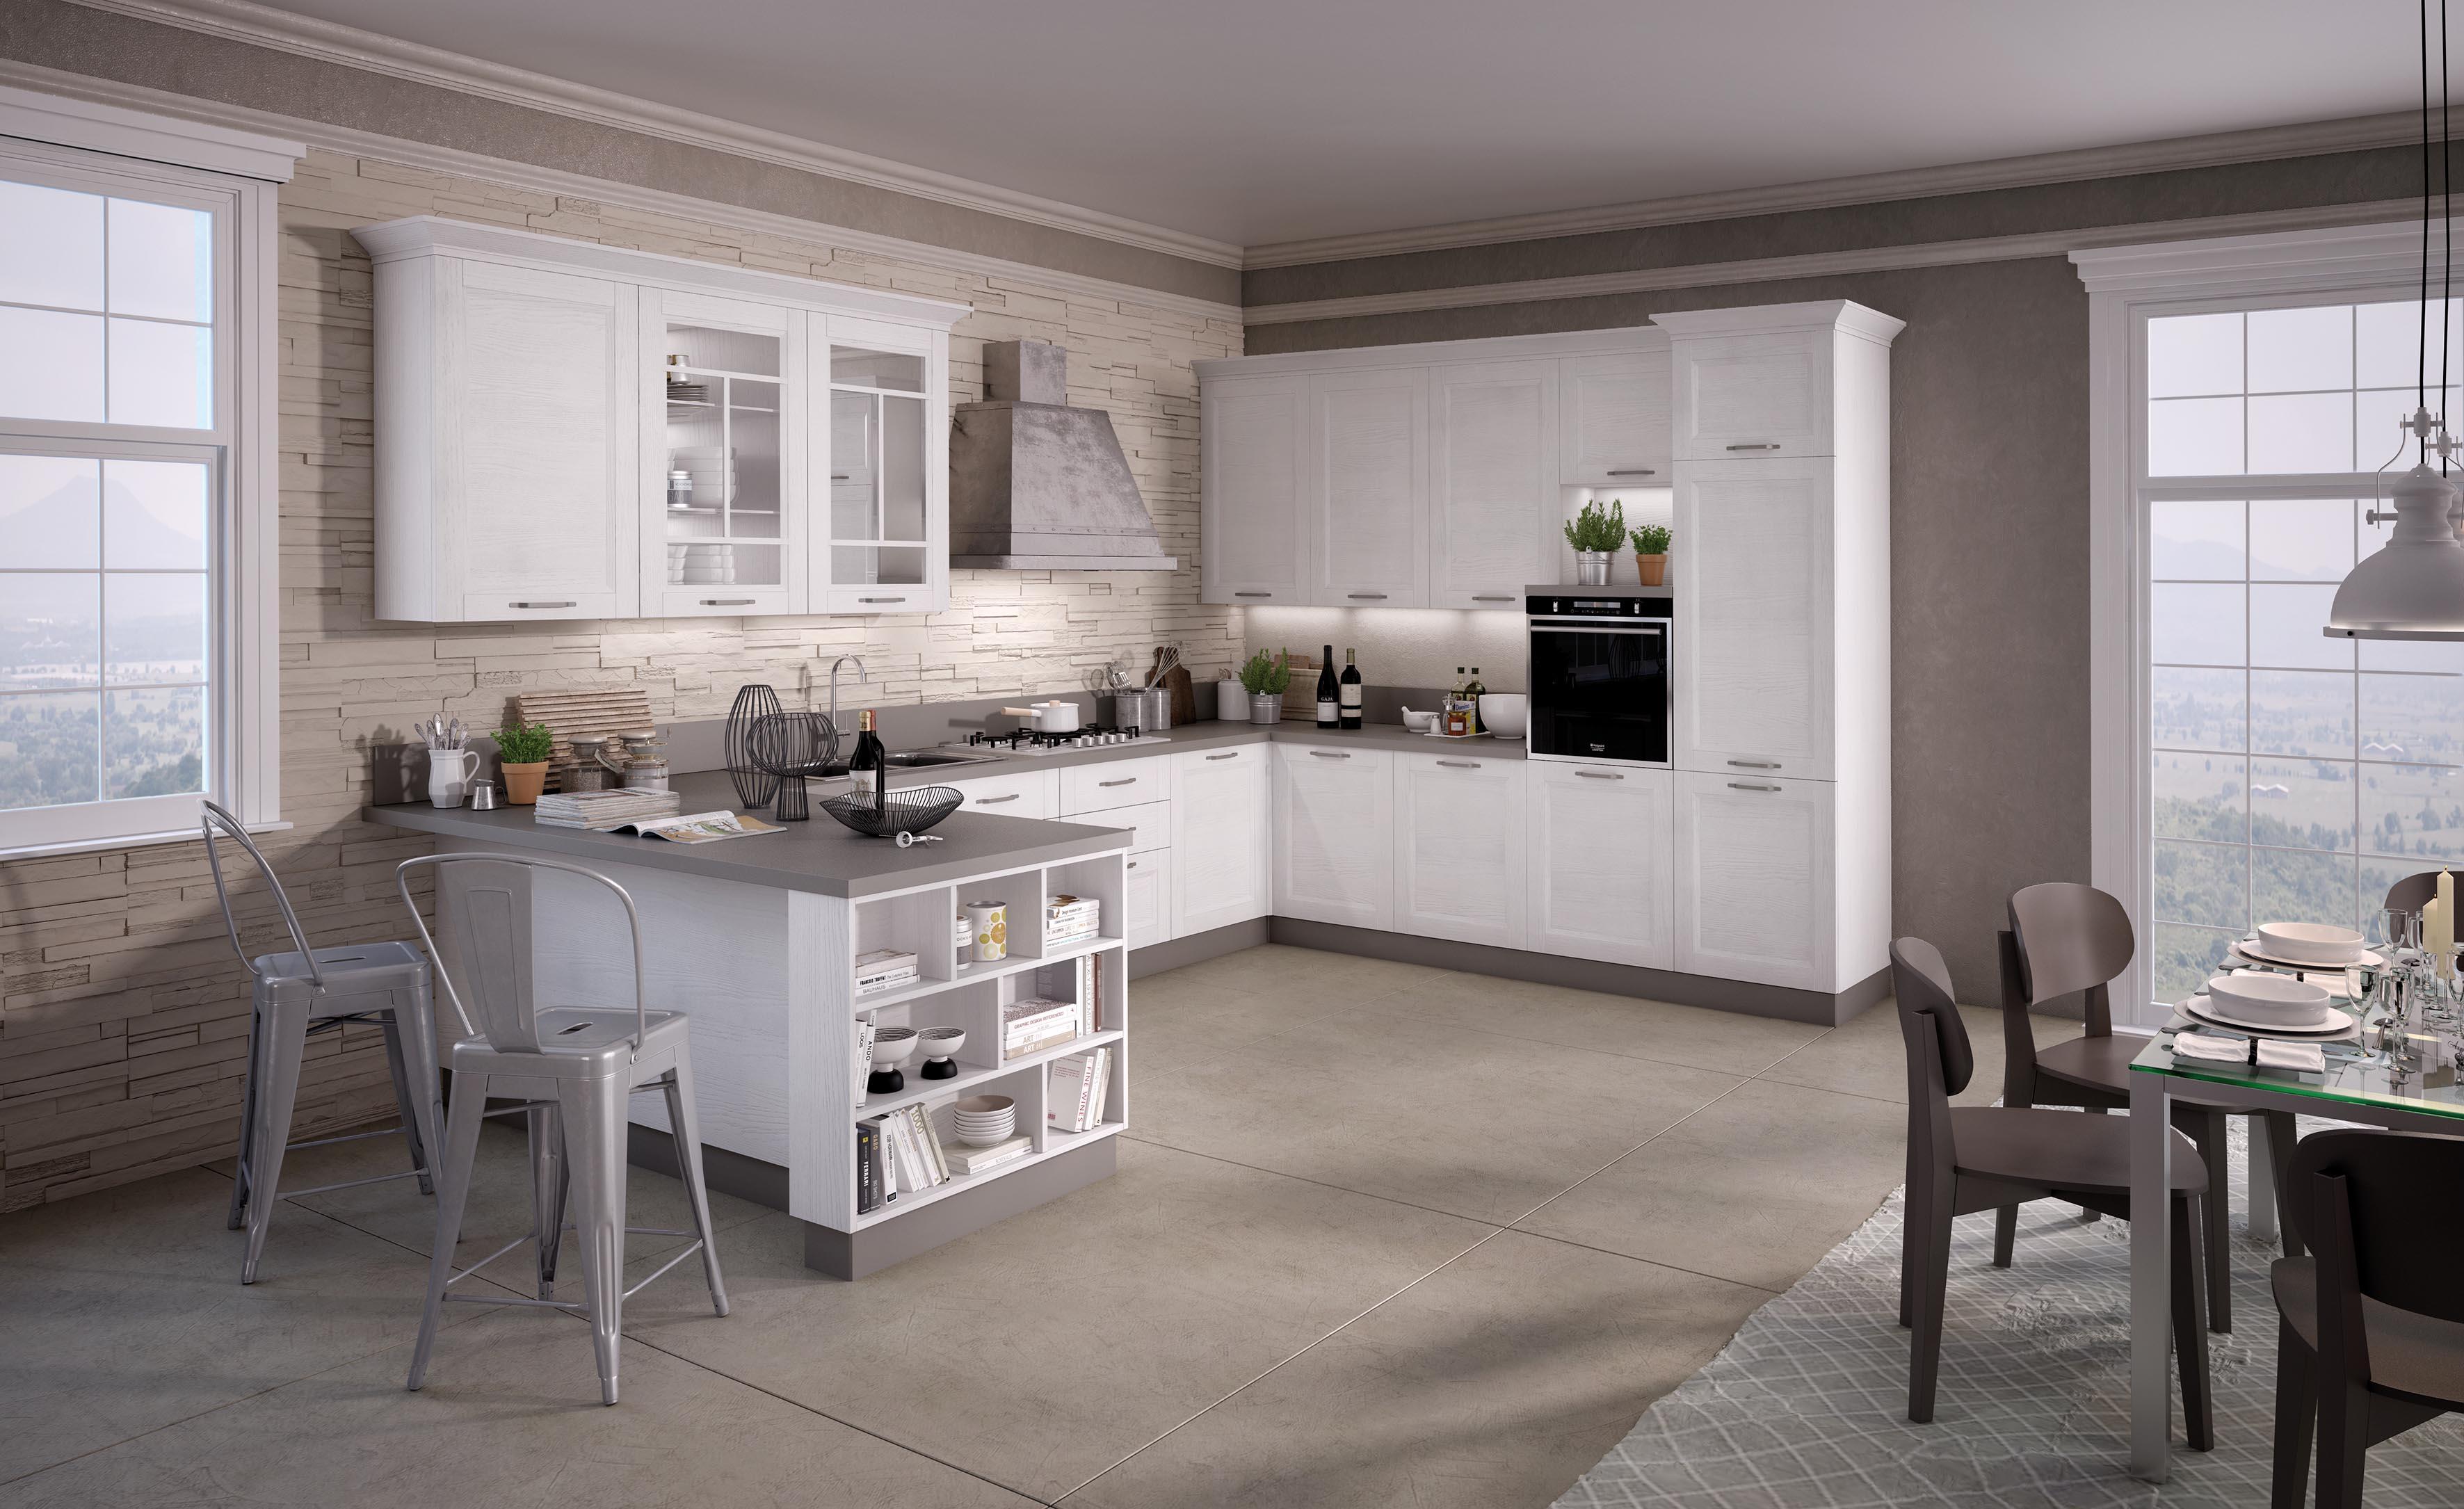 Arredamento Casa Roma cucina olimpia tutto mobili arredamento camere cucine